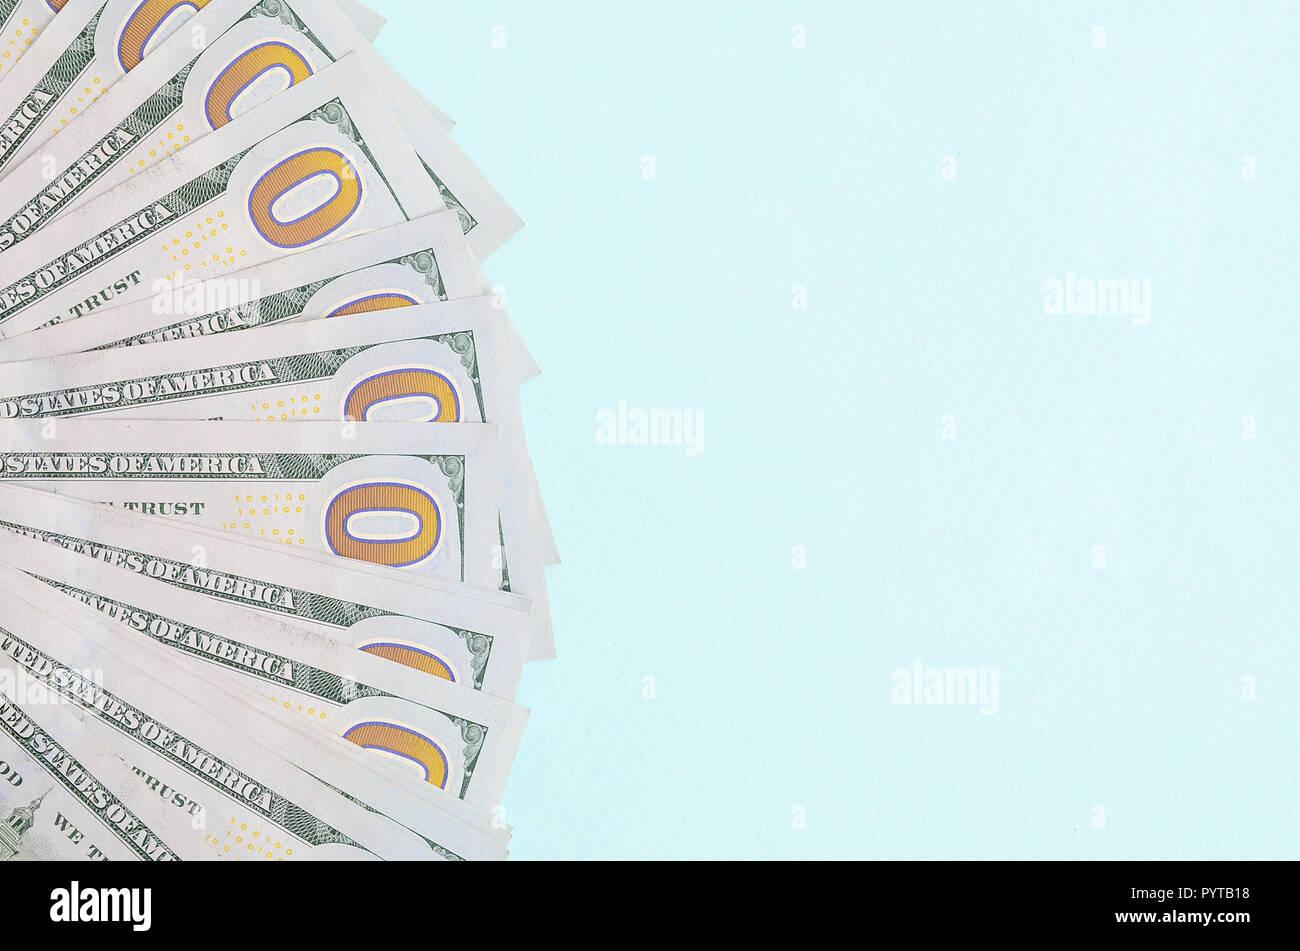 A Fan Of One Dollar Bills Stock Photos & A Fan Of One Dollar